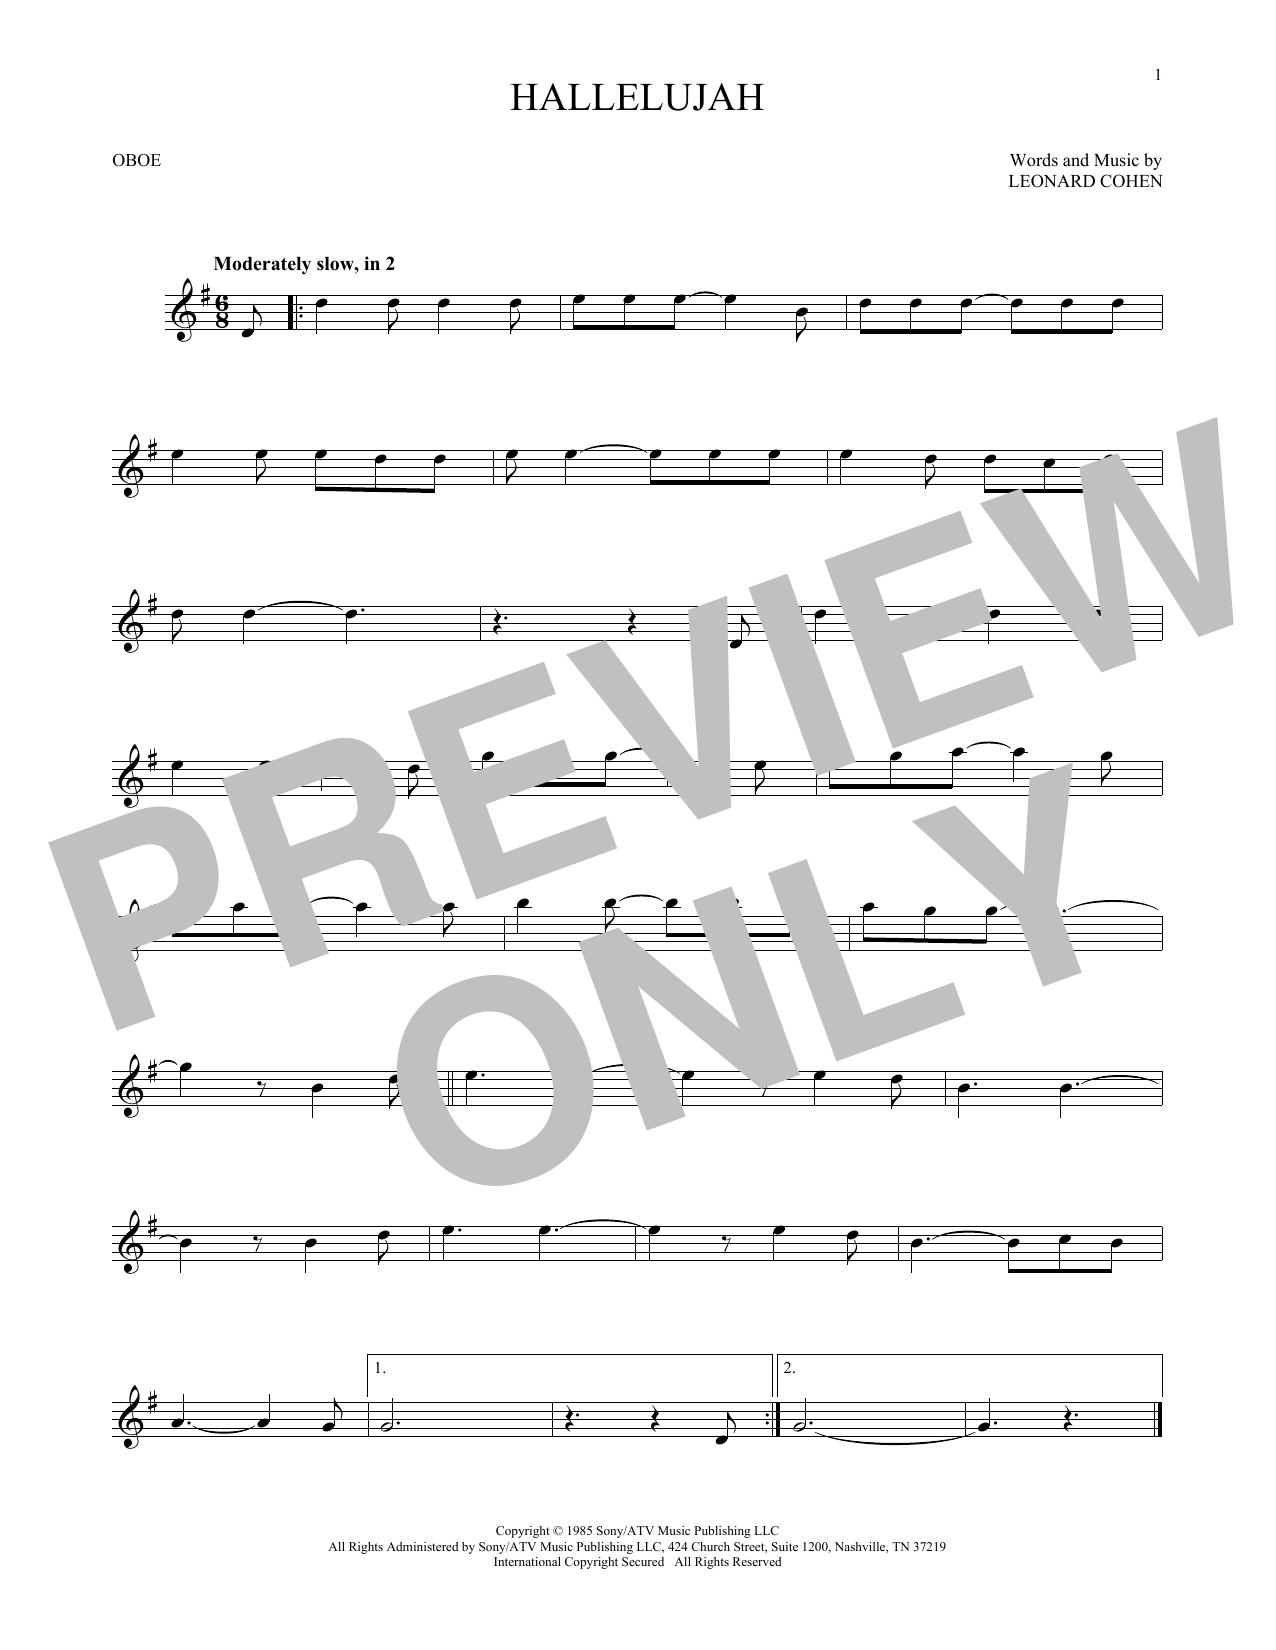 Hallelujah (Oboe Solo)